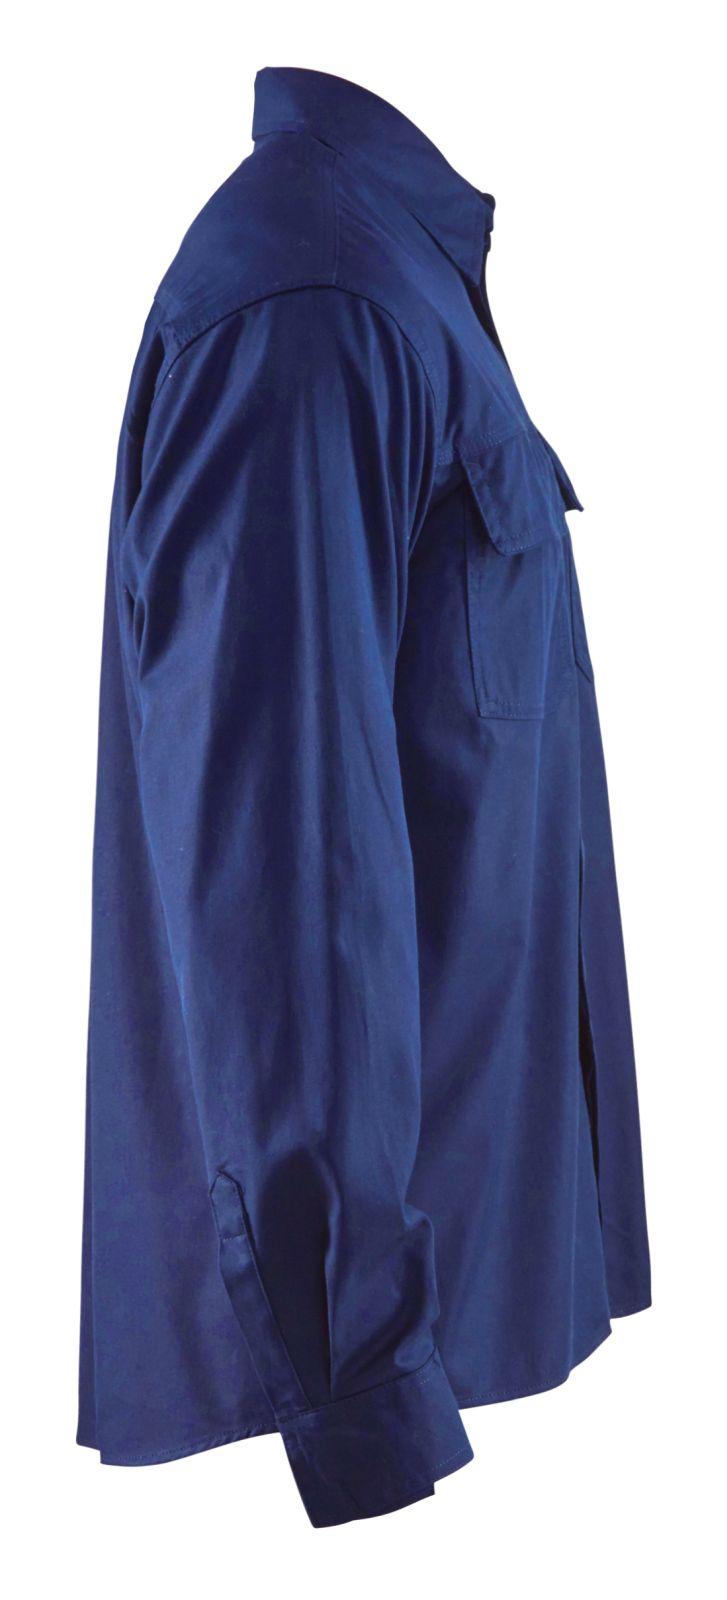 Blaklader Overhemden 32271515 Vlamvertragend marineblauw(8900)